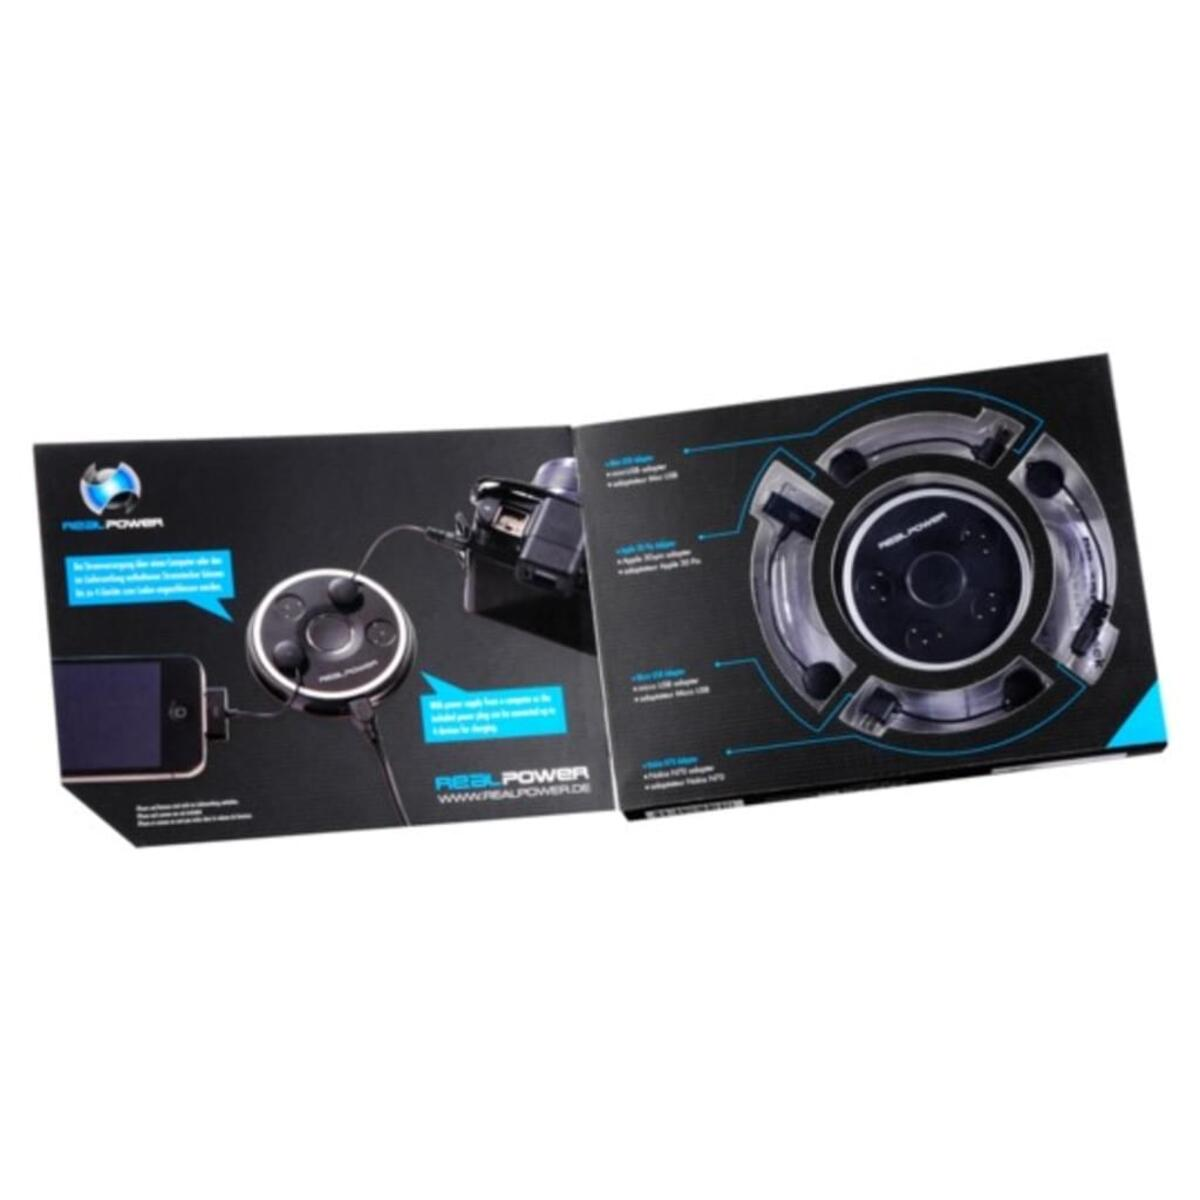 Bild 2 von Realpower PB-1500 - Externer Batteriensatz - Li-Pol - 1500 mAh - 4 Ausgabeanschlussstellen - auf Kabel: Micro-USB - Schwarz